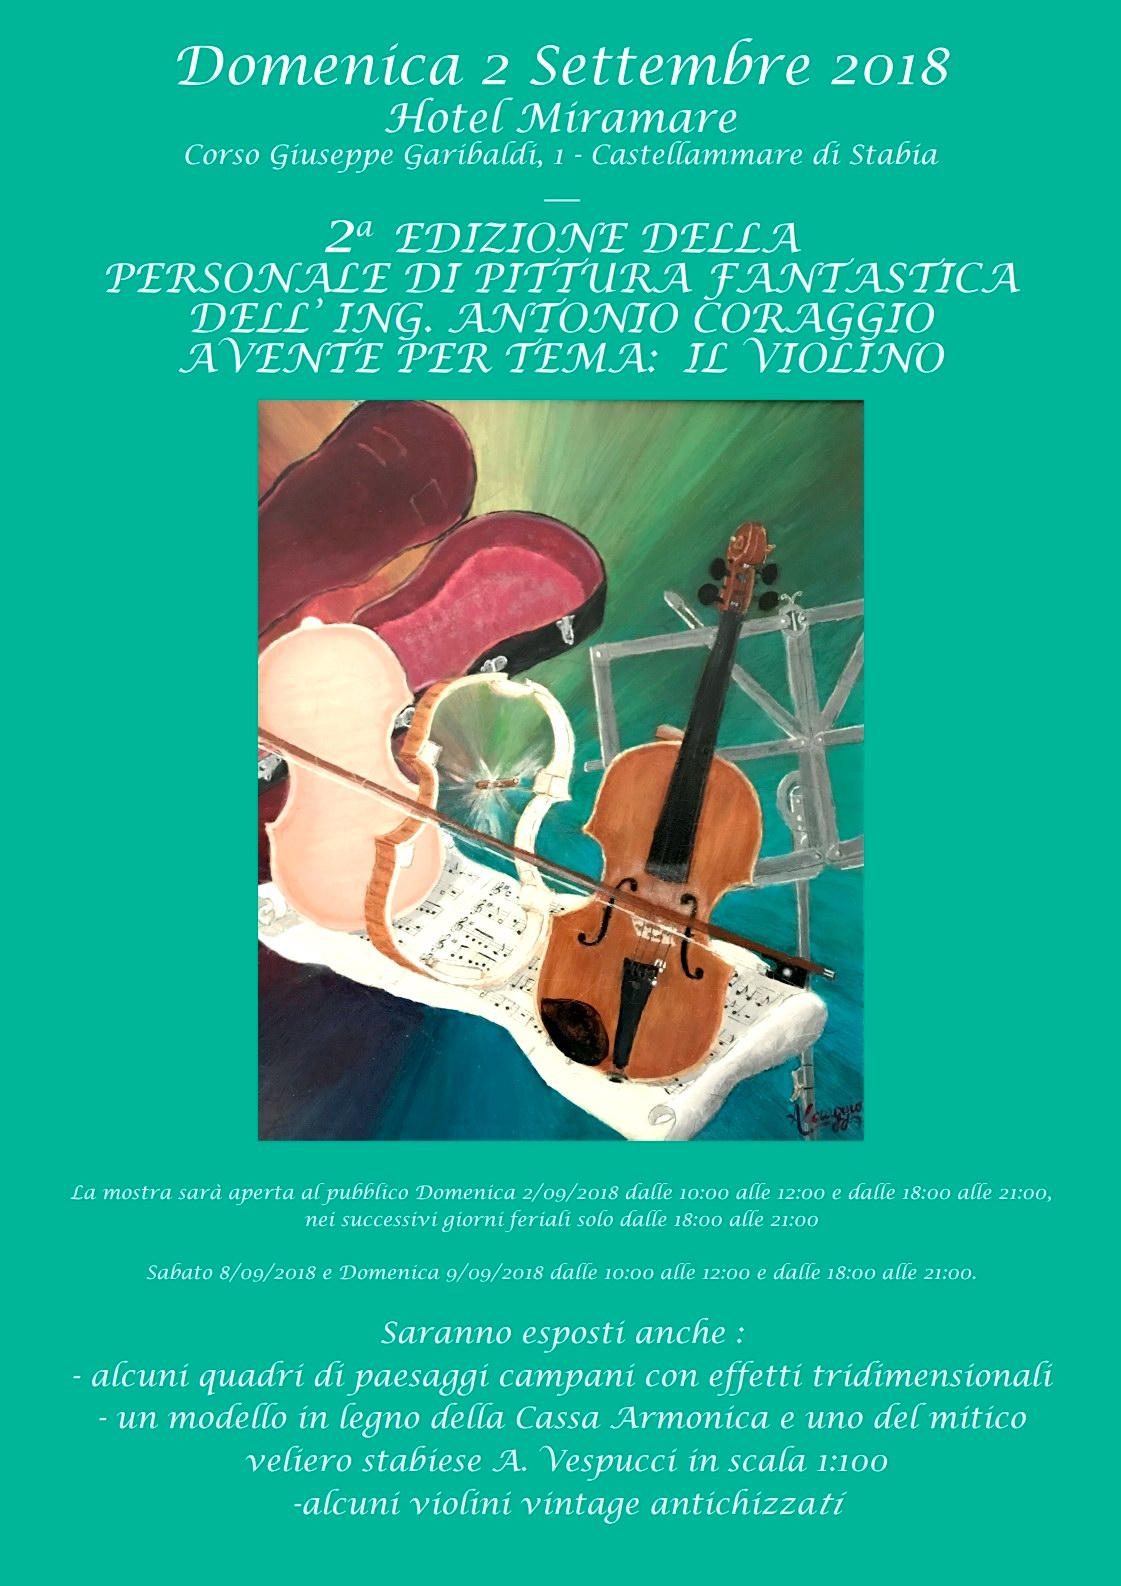 Personale di Pittura - Antonio Coraggio 2^ edizione